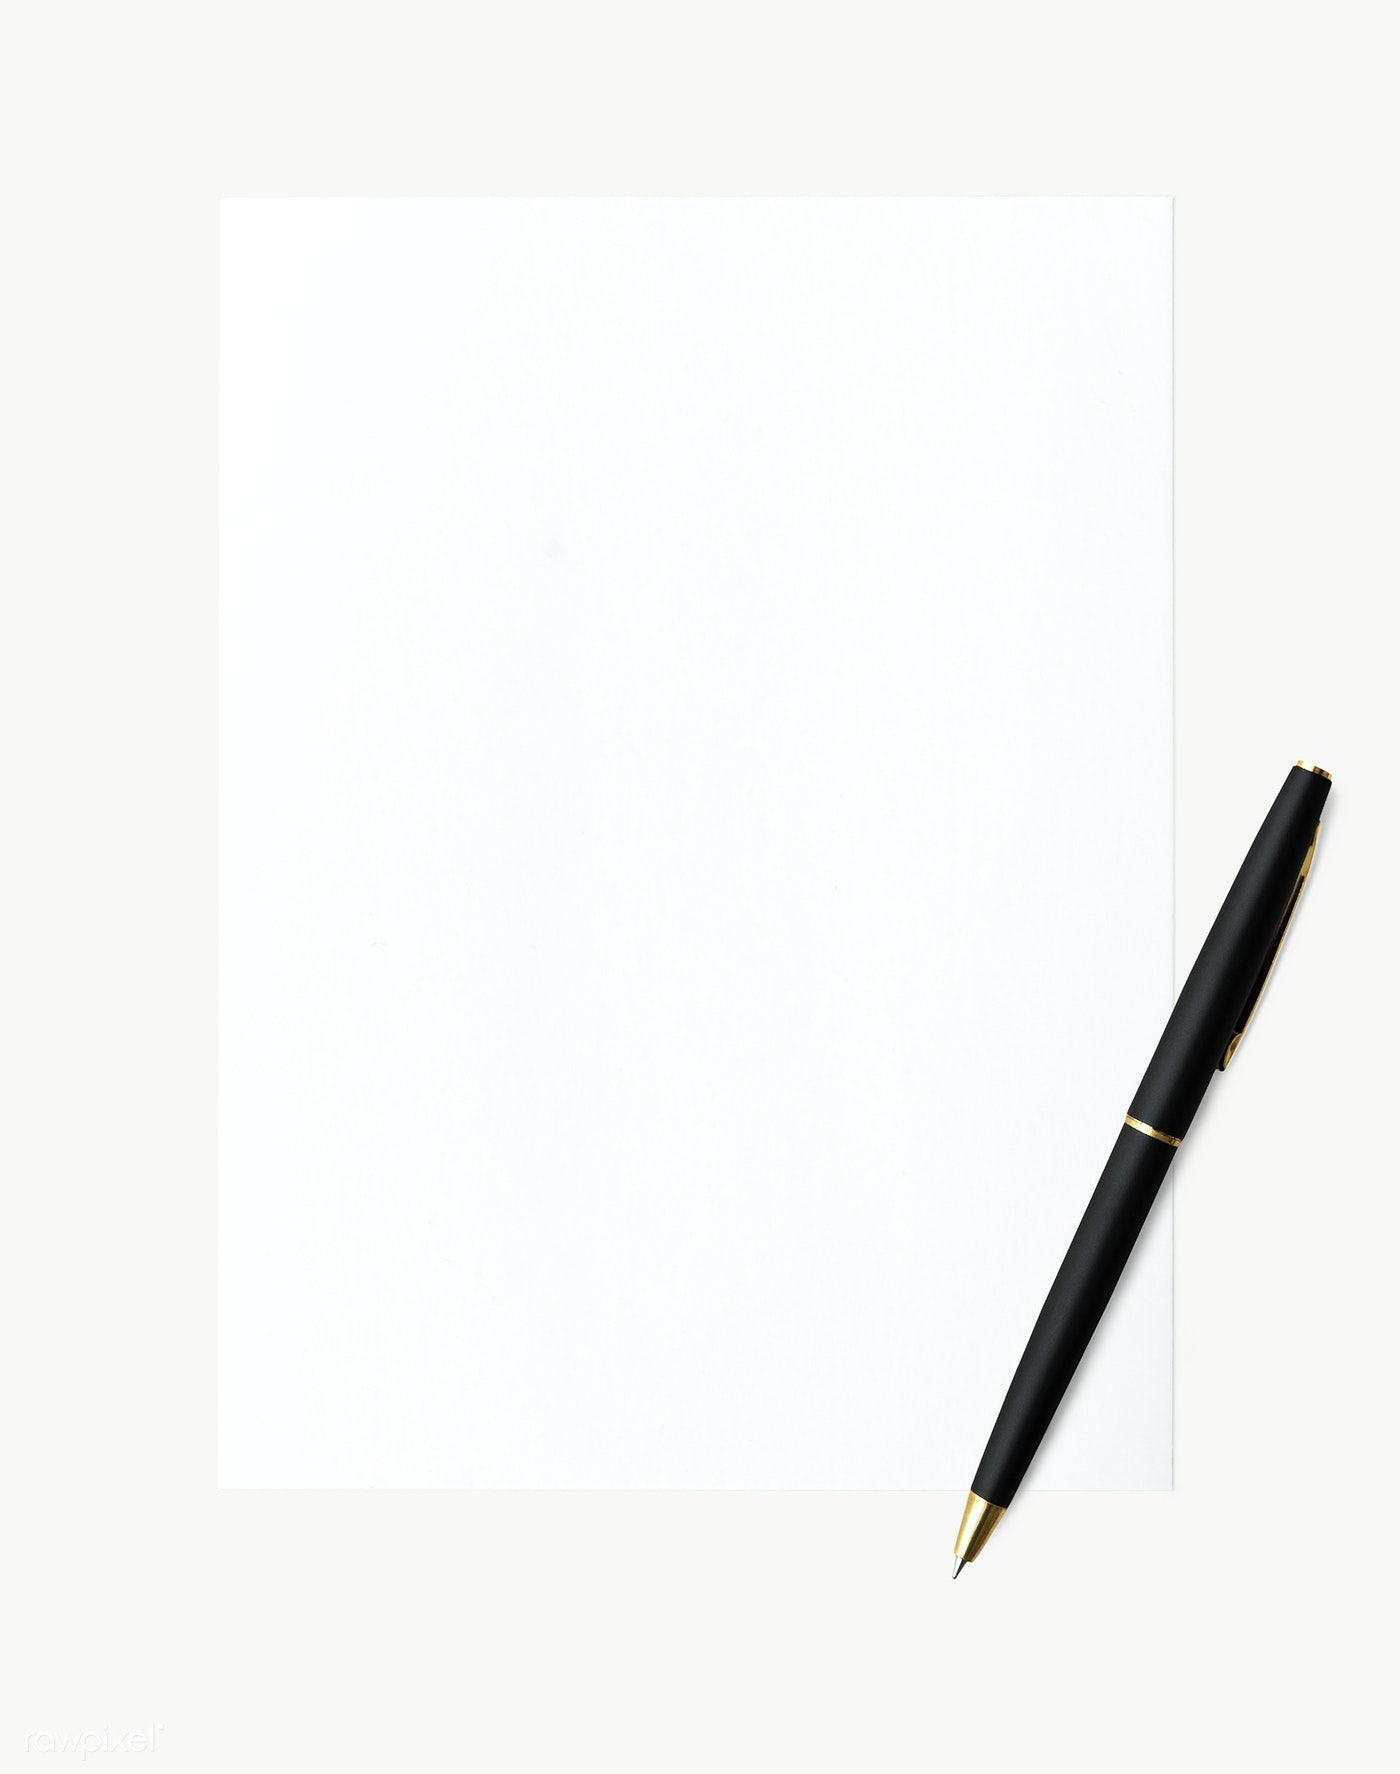 White Paper And Pen Set Transparent Png Premium Image By Rawpixel Com Ployploy Pen And Paper Pen Sets Pen